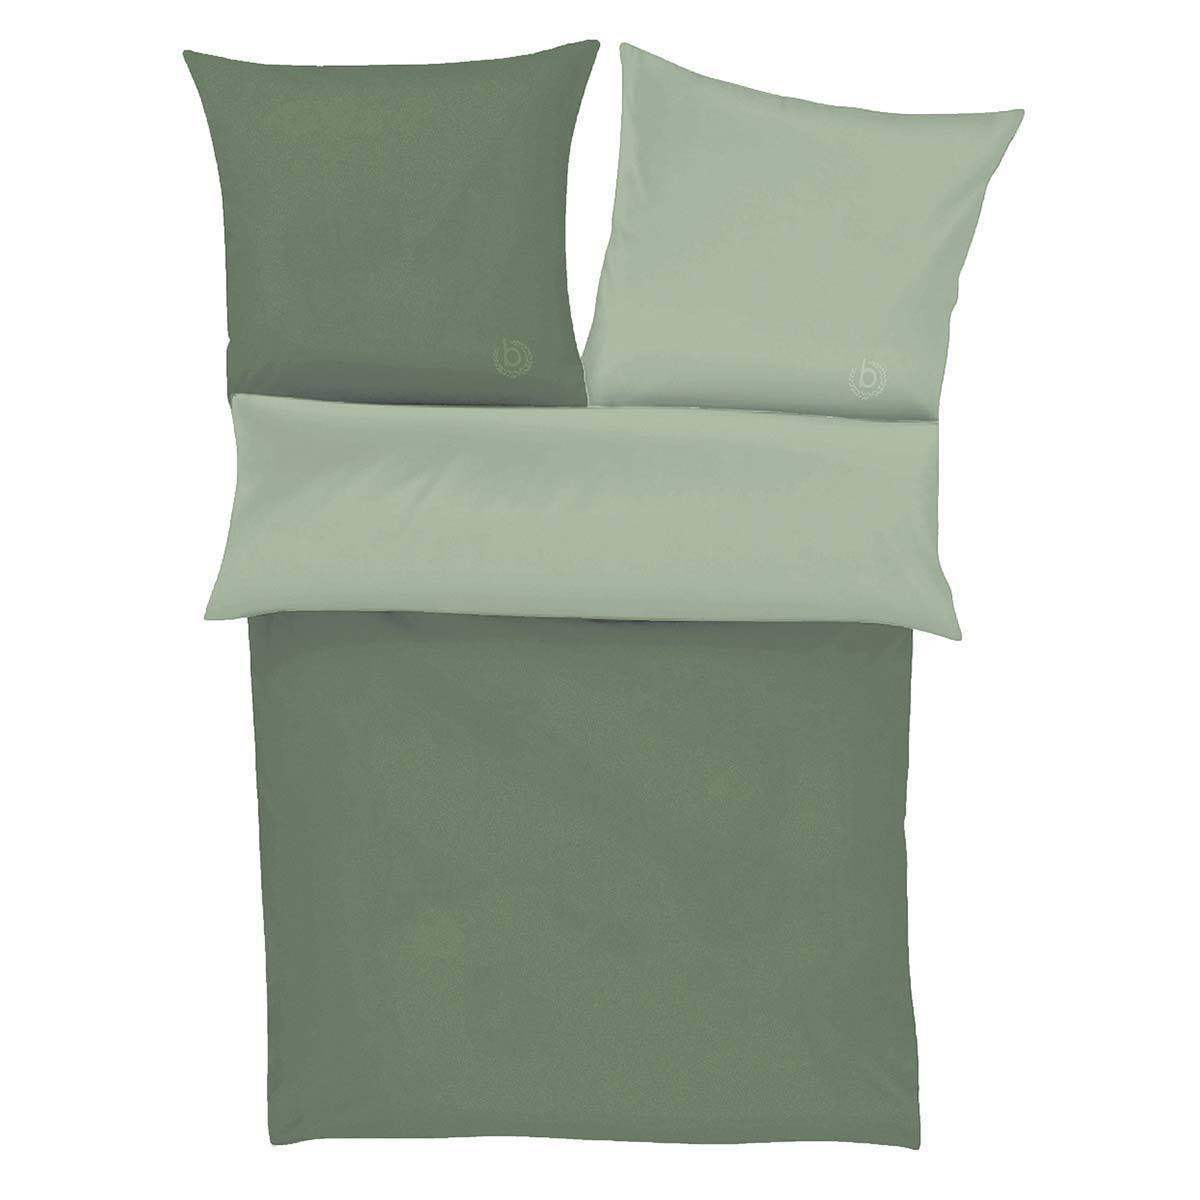 bugatti perkal wendebettw sche 4939 780 g nstig online kaufen bei bettwaren shop. Black Bedroom Furniture Sets. Home Design Ideas